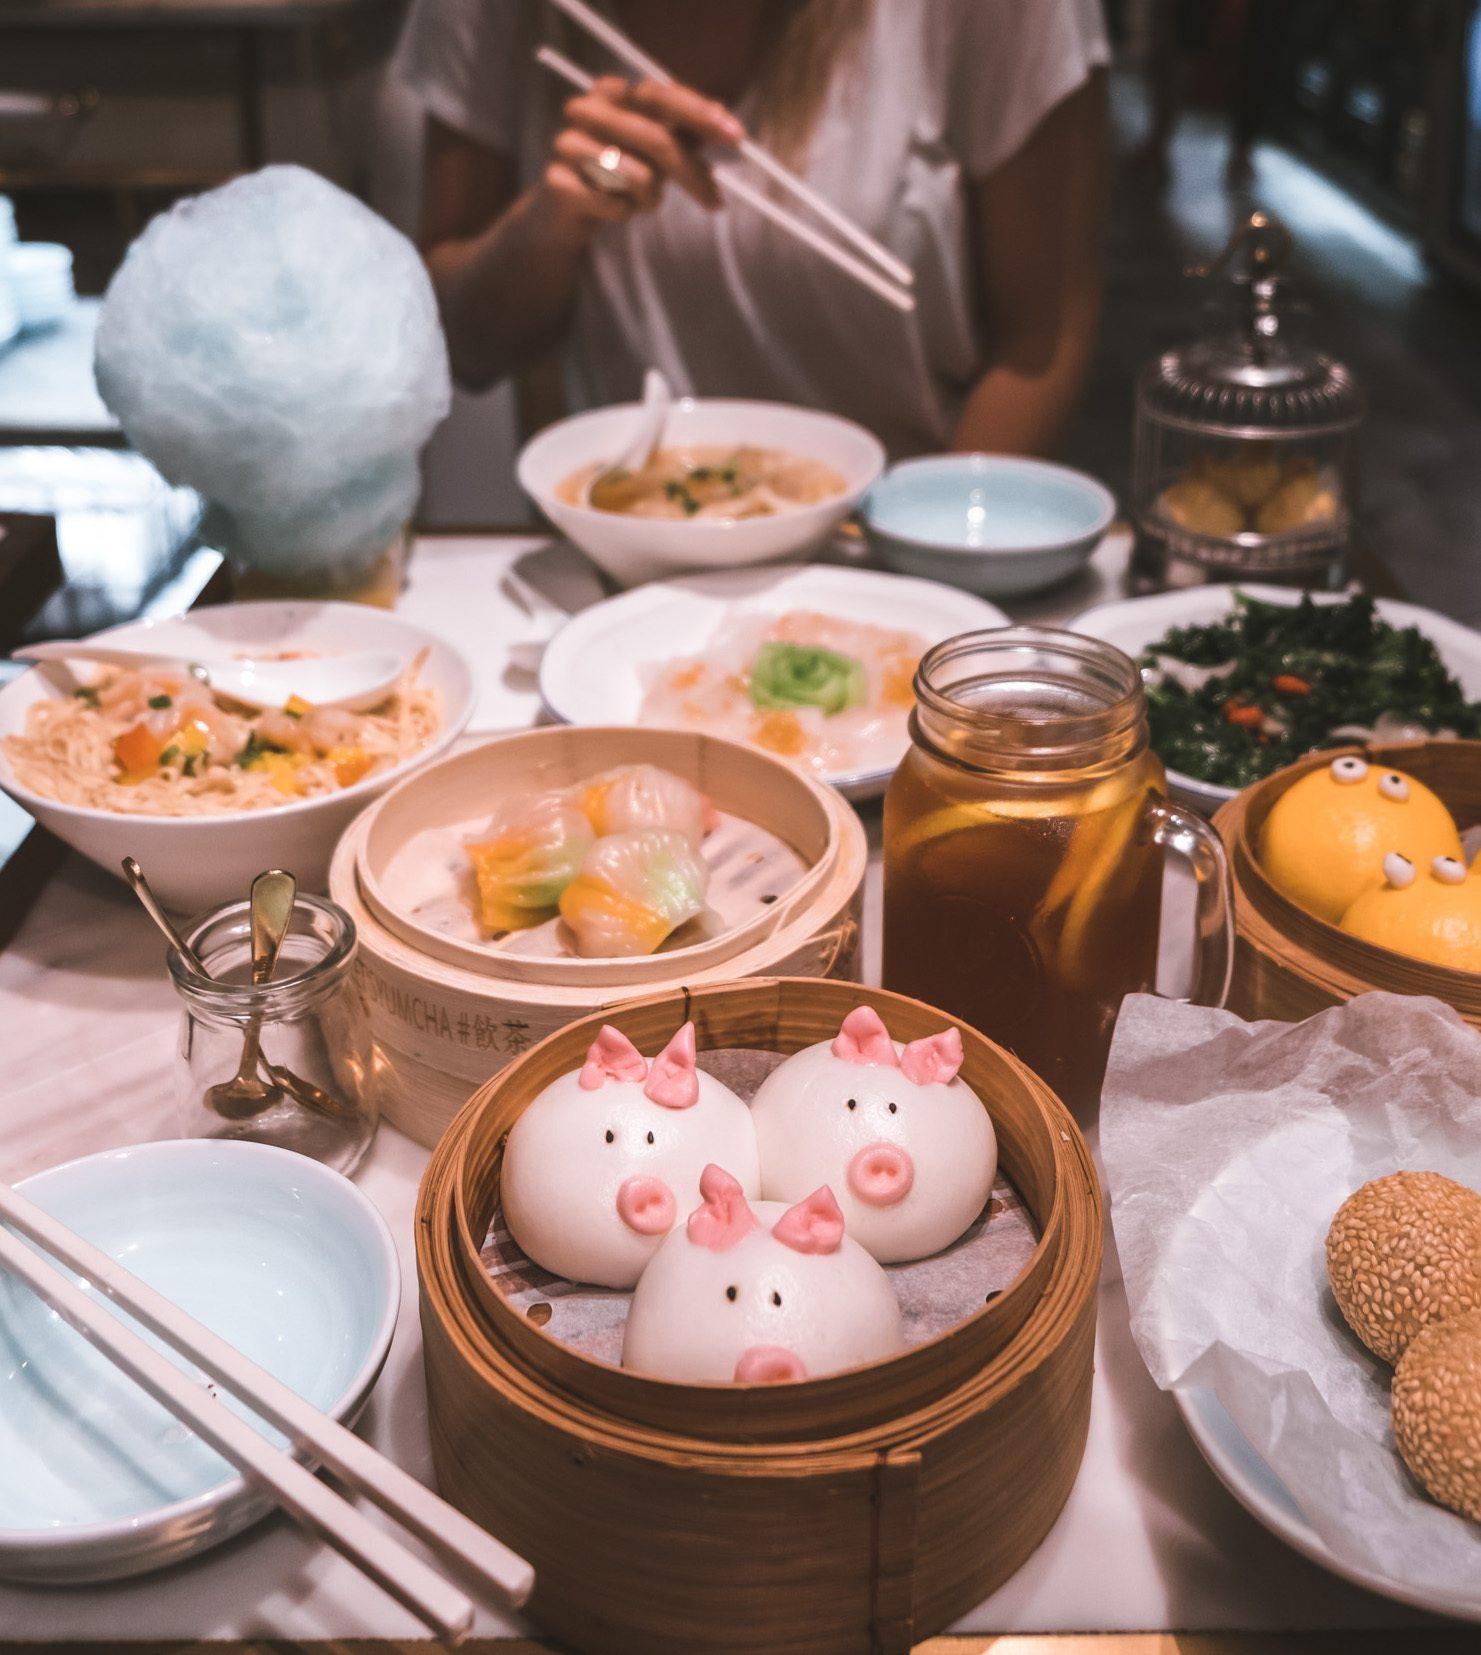 Food in Hong Kong